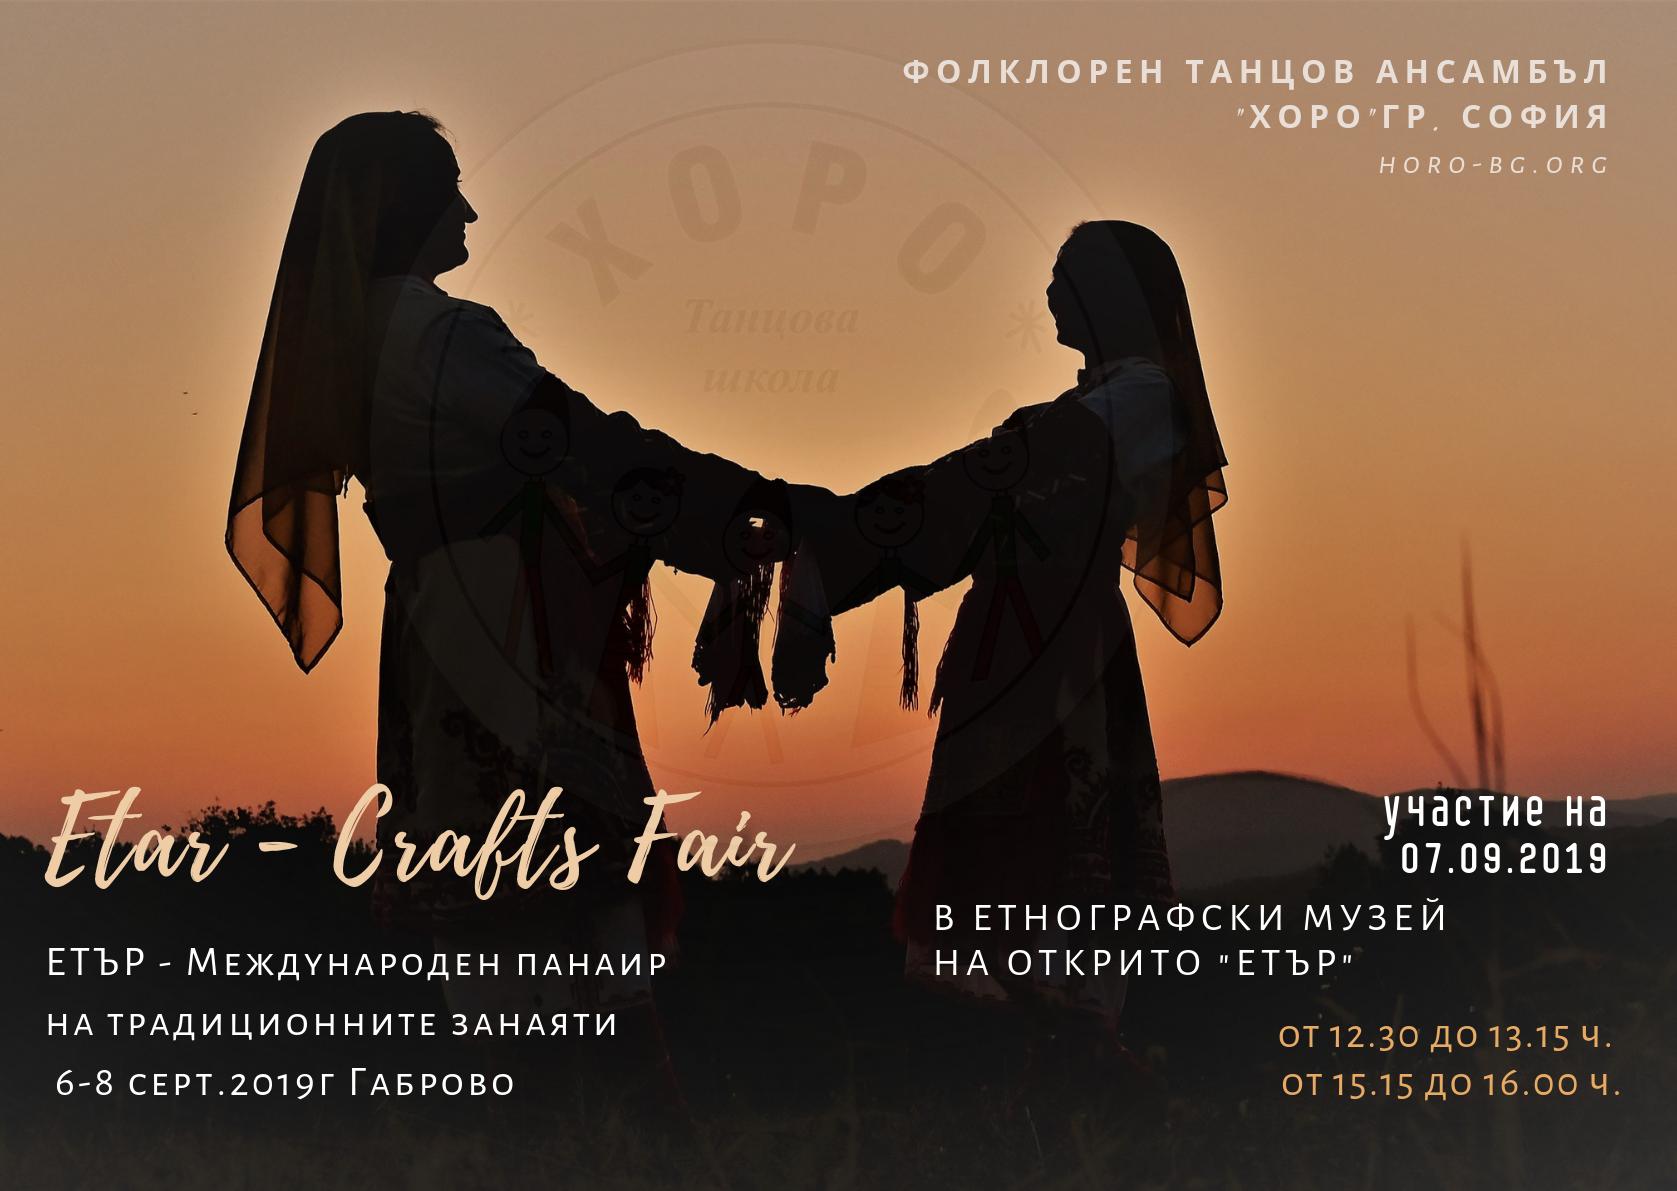 ЕТЪР – Международен панаир на традиционните занаяти / ETAR – Crafts Fair 06-08 септ. 2019 Габрово